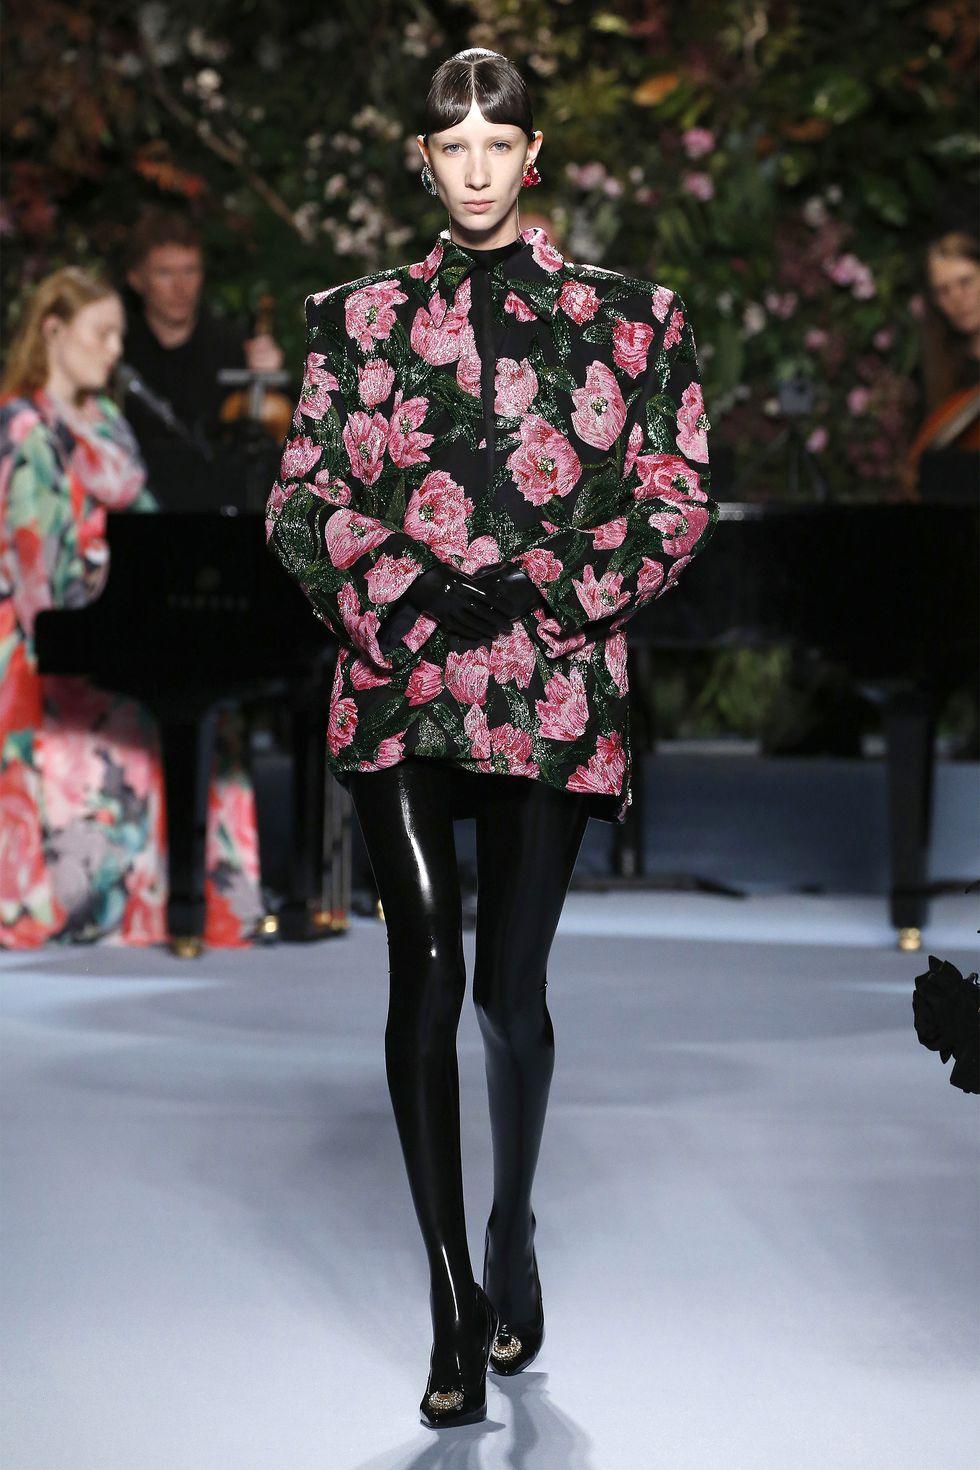 hbz-fw2019-trends-dark-florals-04-gettyimages-1130808323.jpg